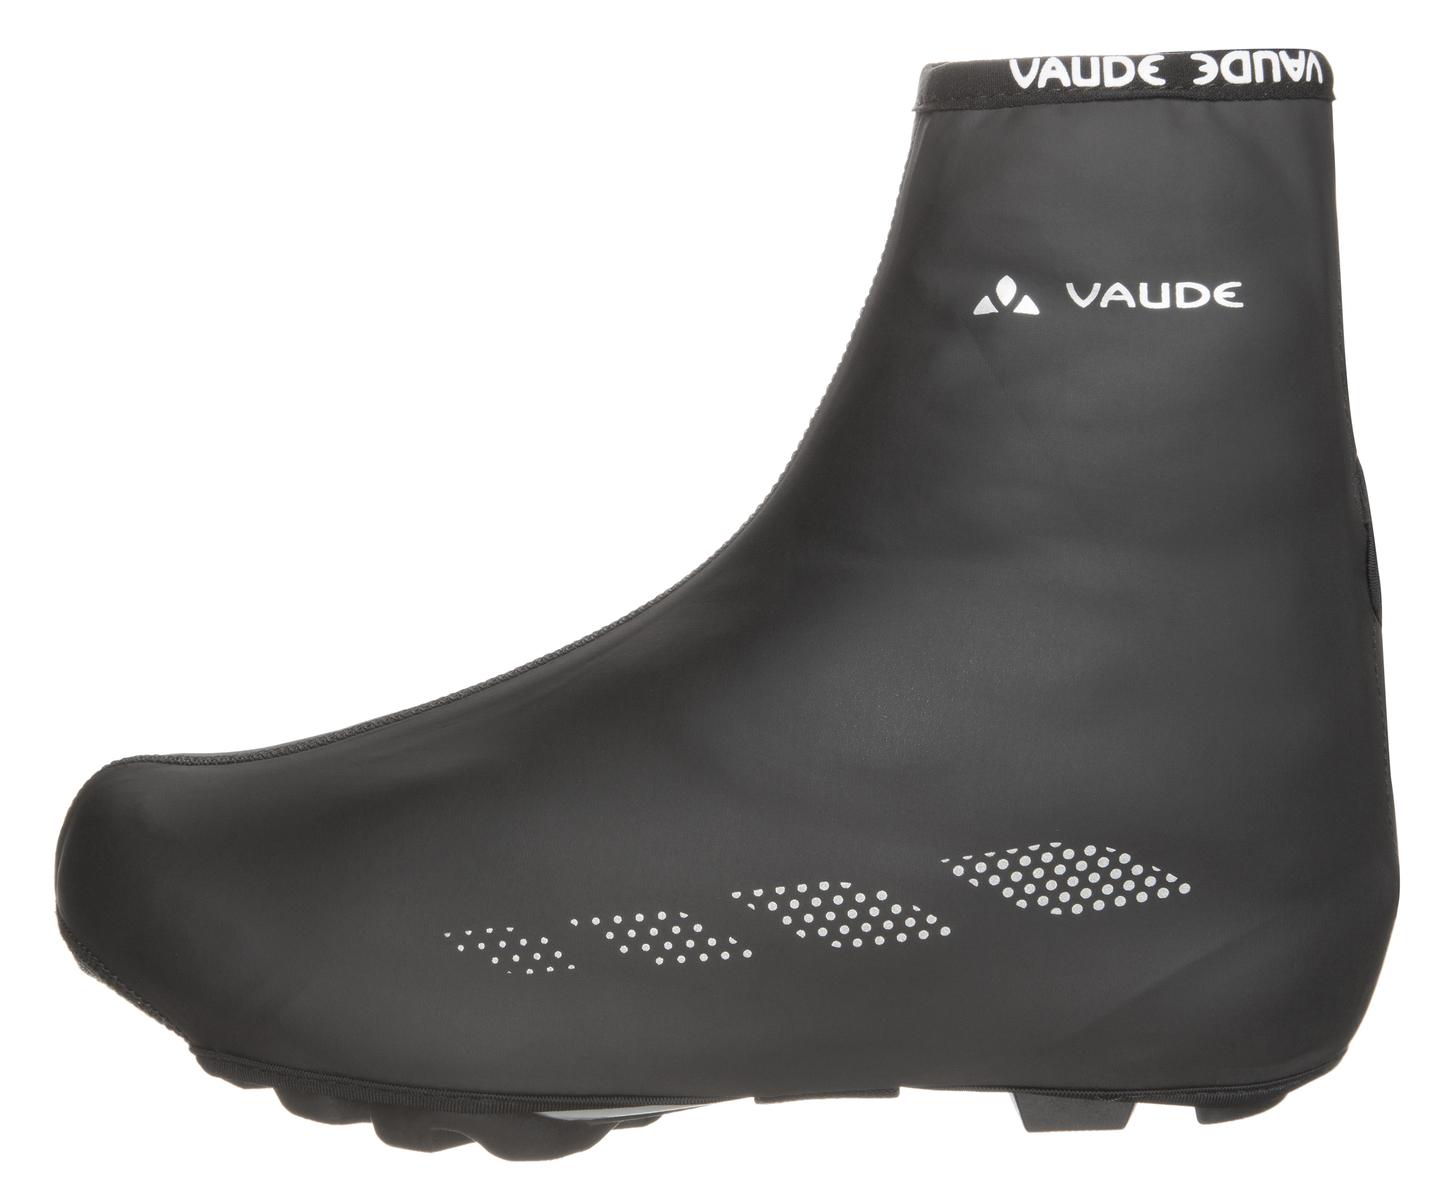 VAUDE Shoecover Wet Light II black Größe 36-39 - Total Normal Bikes - Onlineshop und E-Bike Fahrradgeschäft in St.Ingbert im Saarland